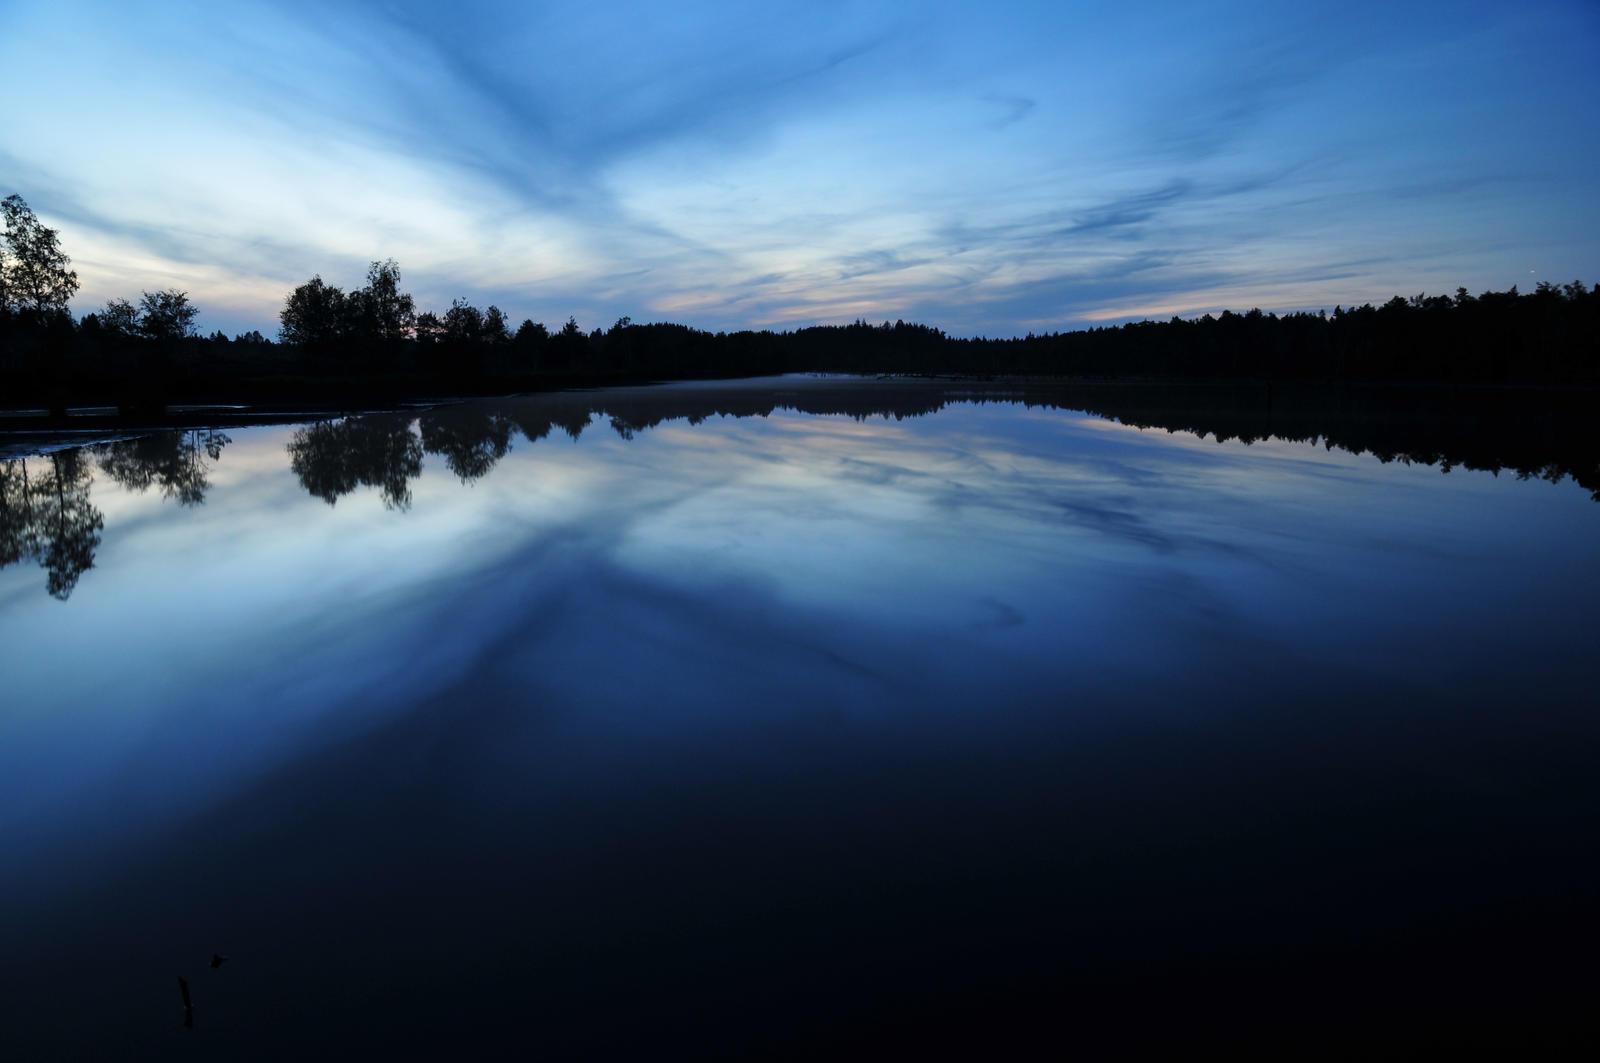 Blue Night by Burtn